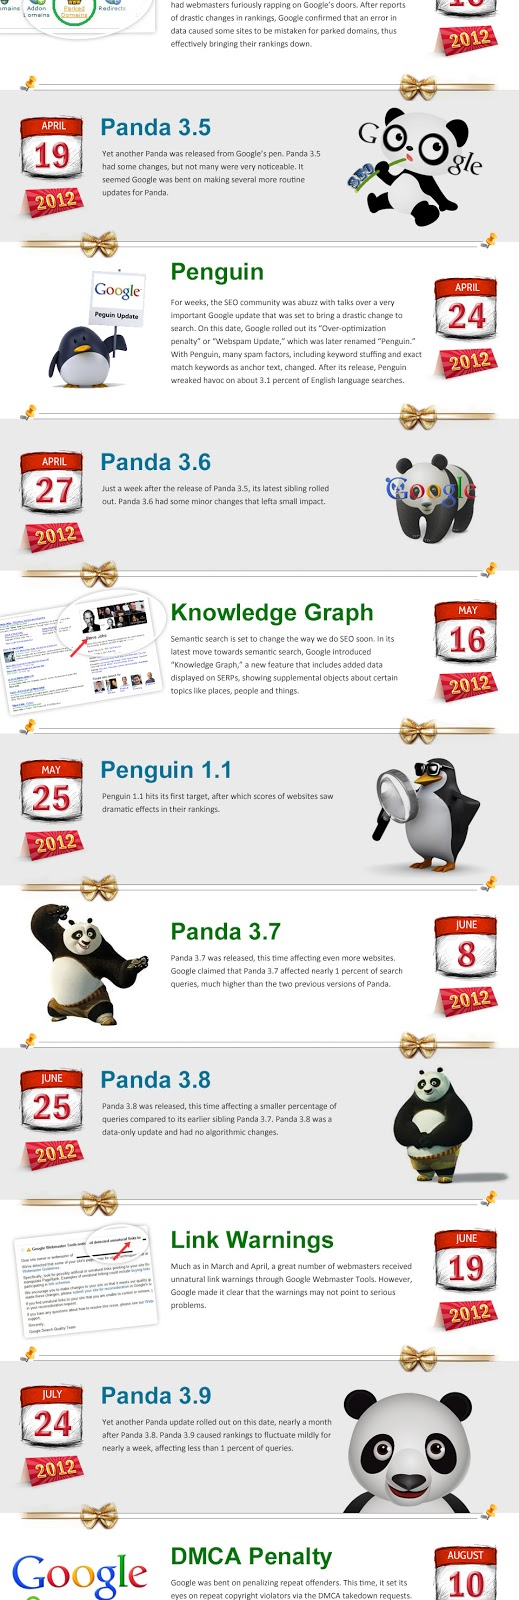 Mises à jour des algorithmes de Google en 2012 : Panda, Penguin, etc.